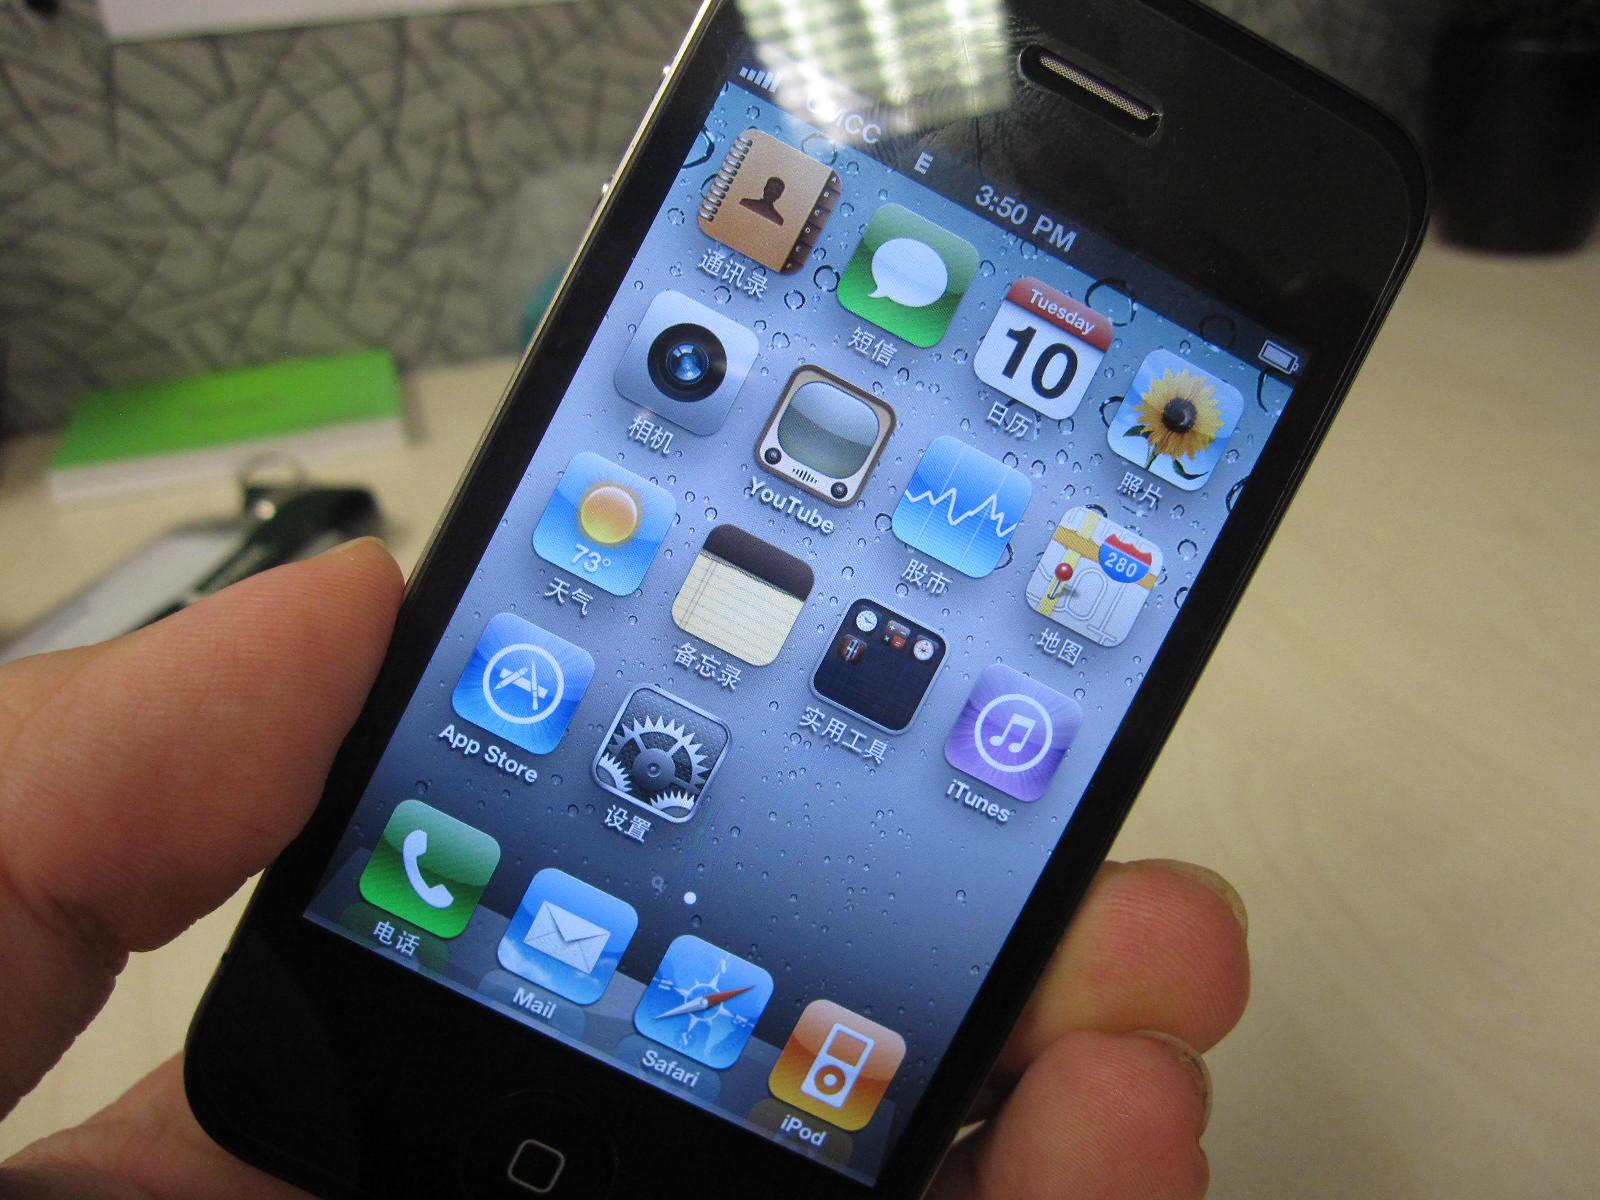 Wai Siks' Corner: I want iPhone 4!